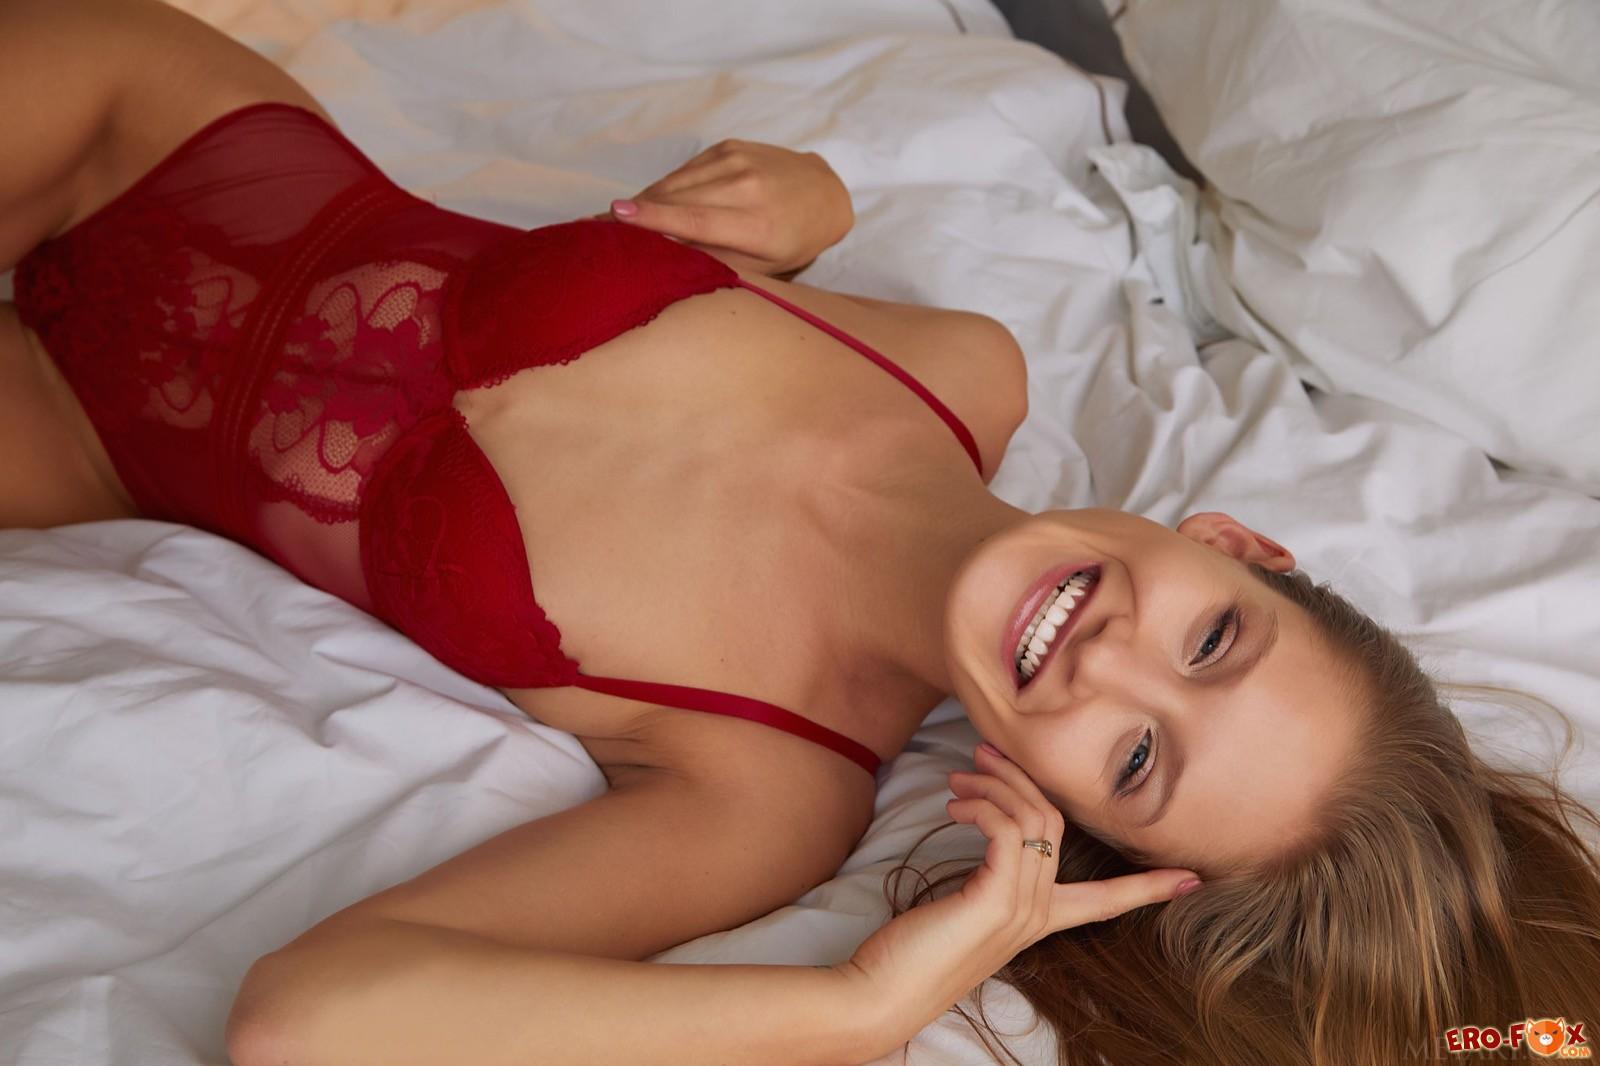 Худышка с тощей попкой показала киску на кровати - фото